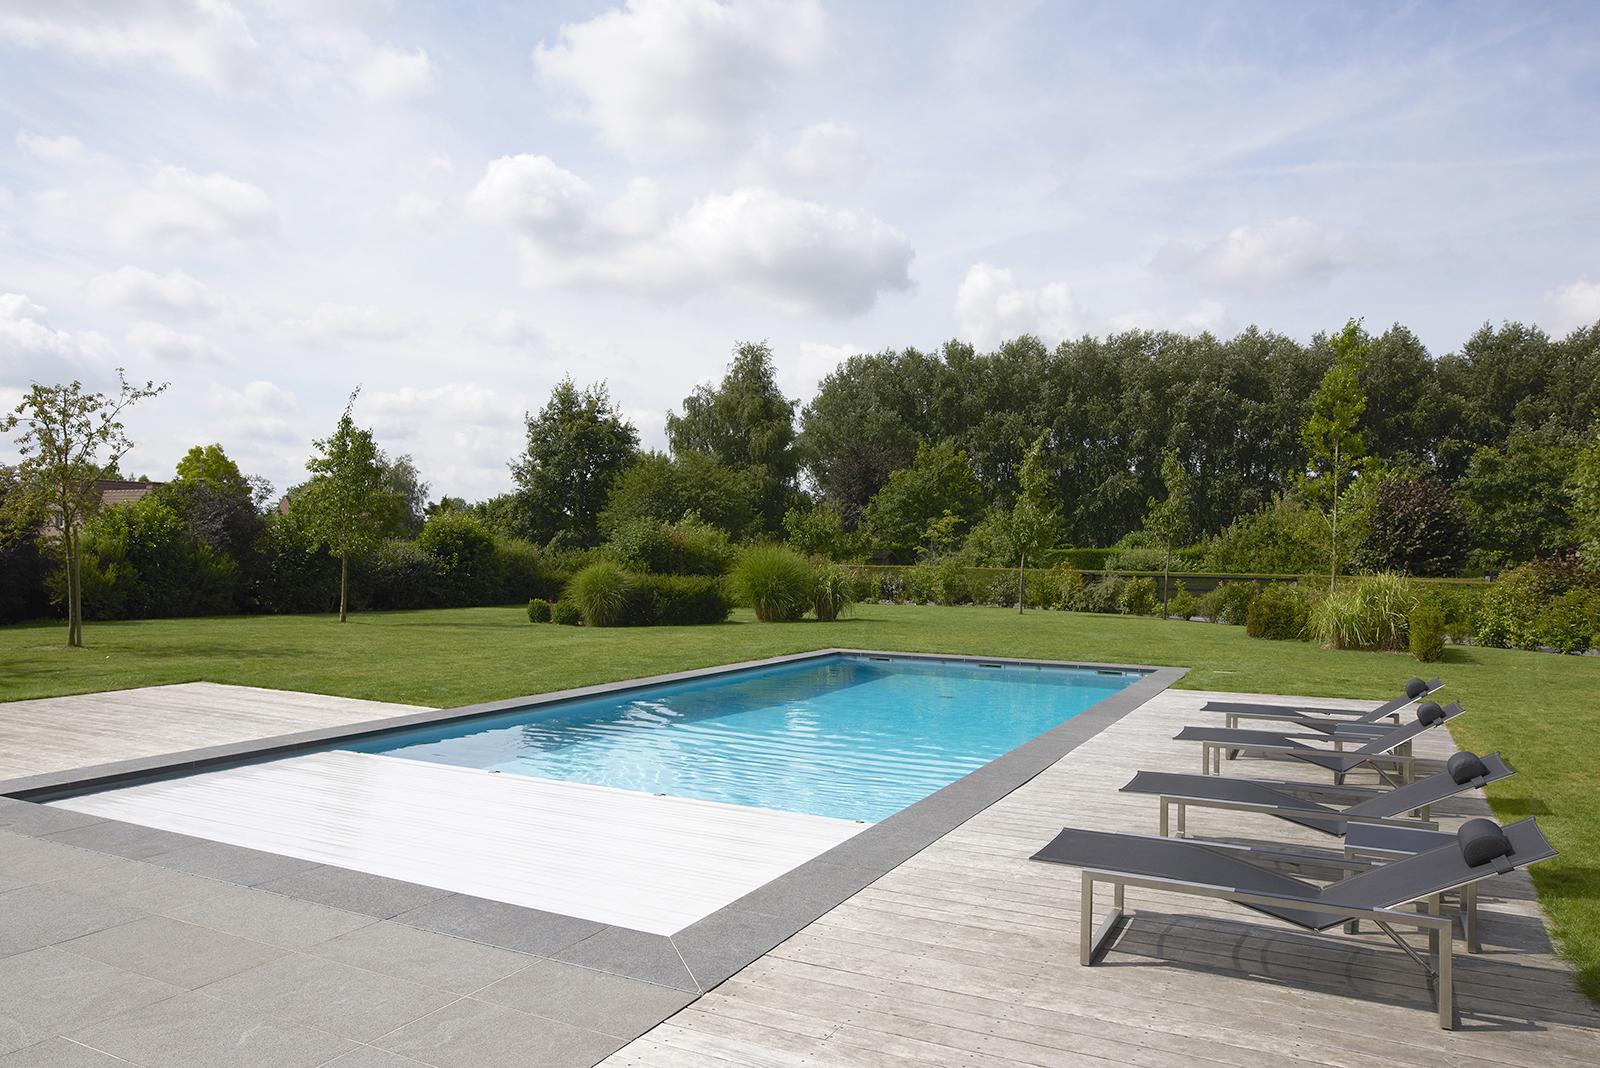 piscine familiale rectangulaire avec volet de sécurité